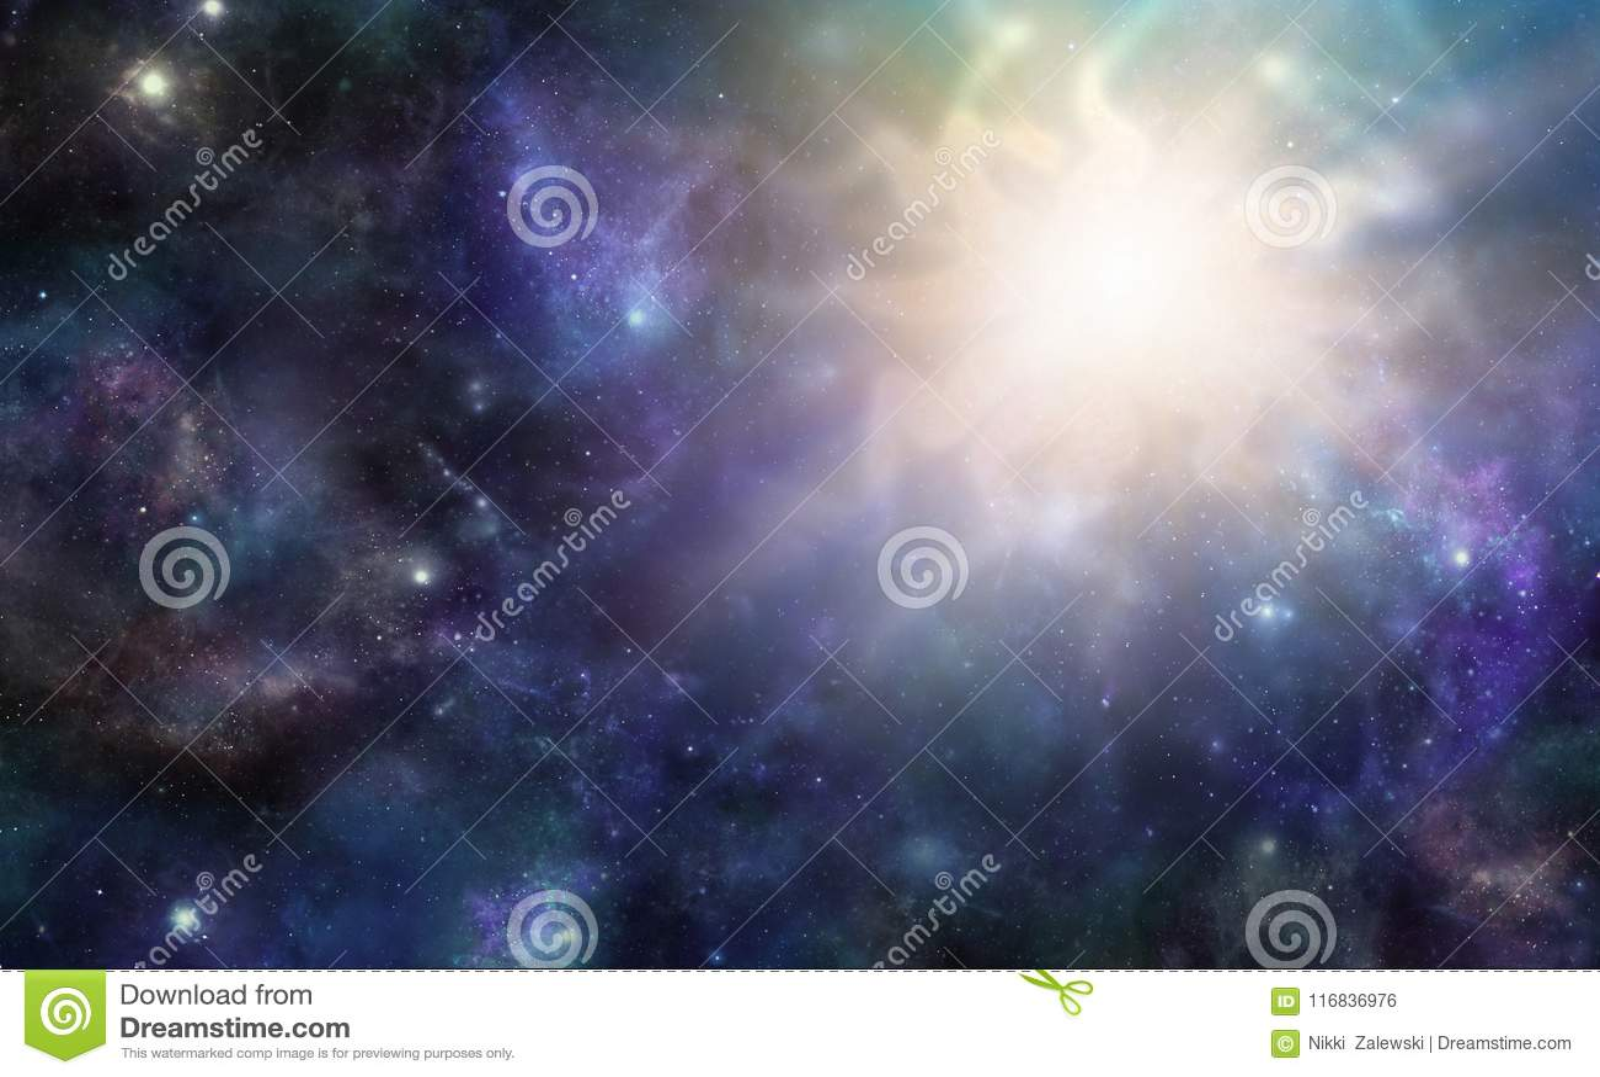 Evento cósmico maciço do espaço profundo